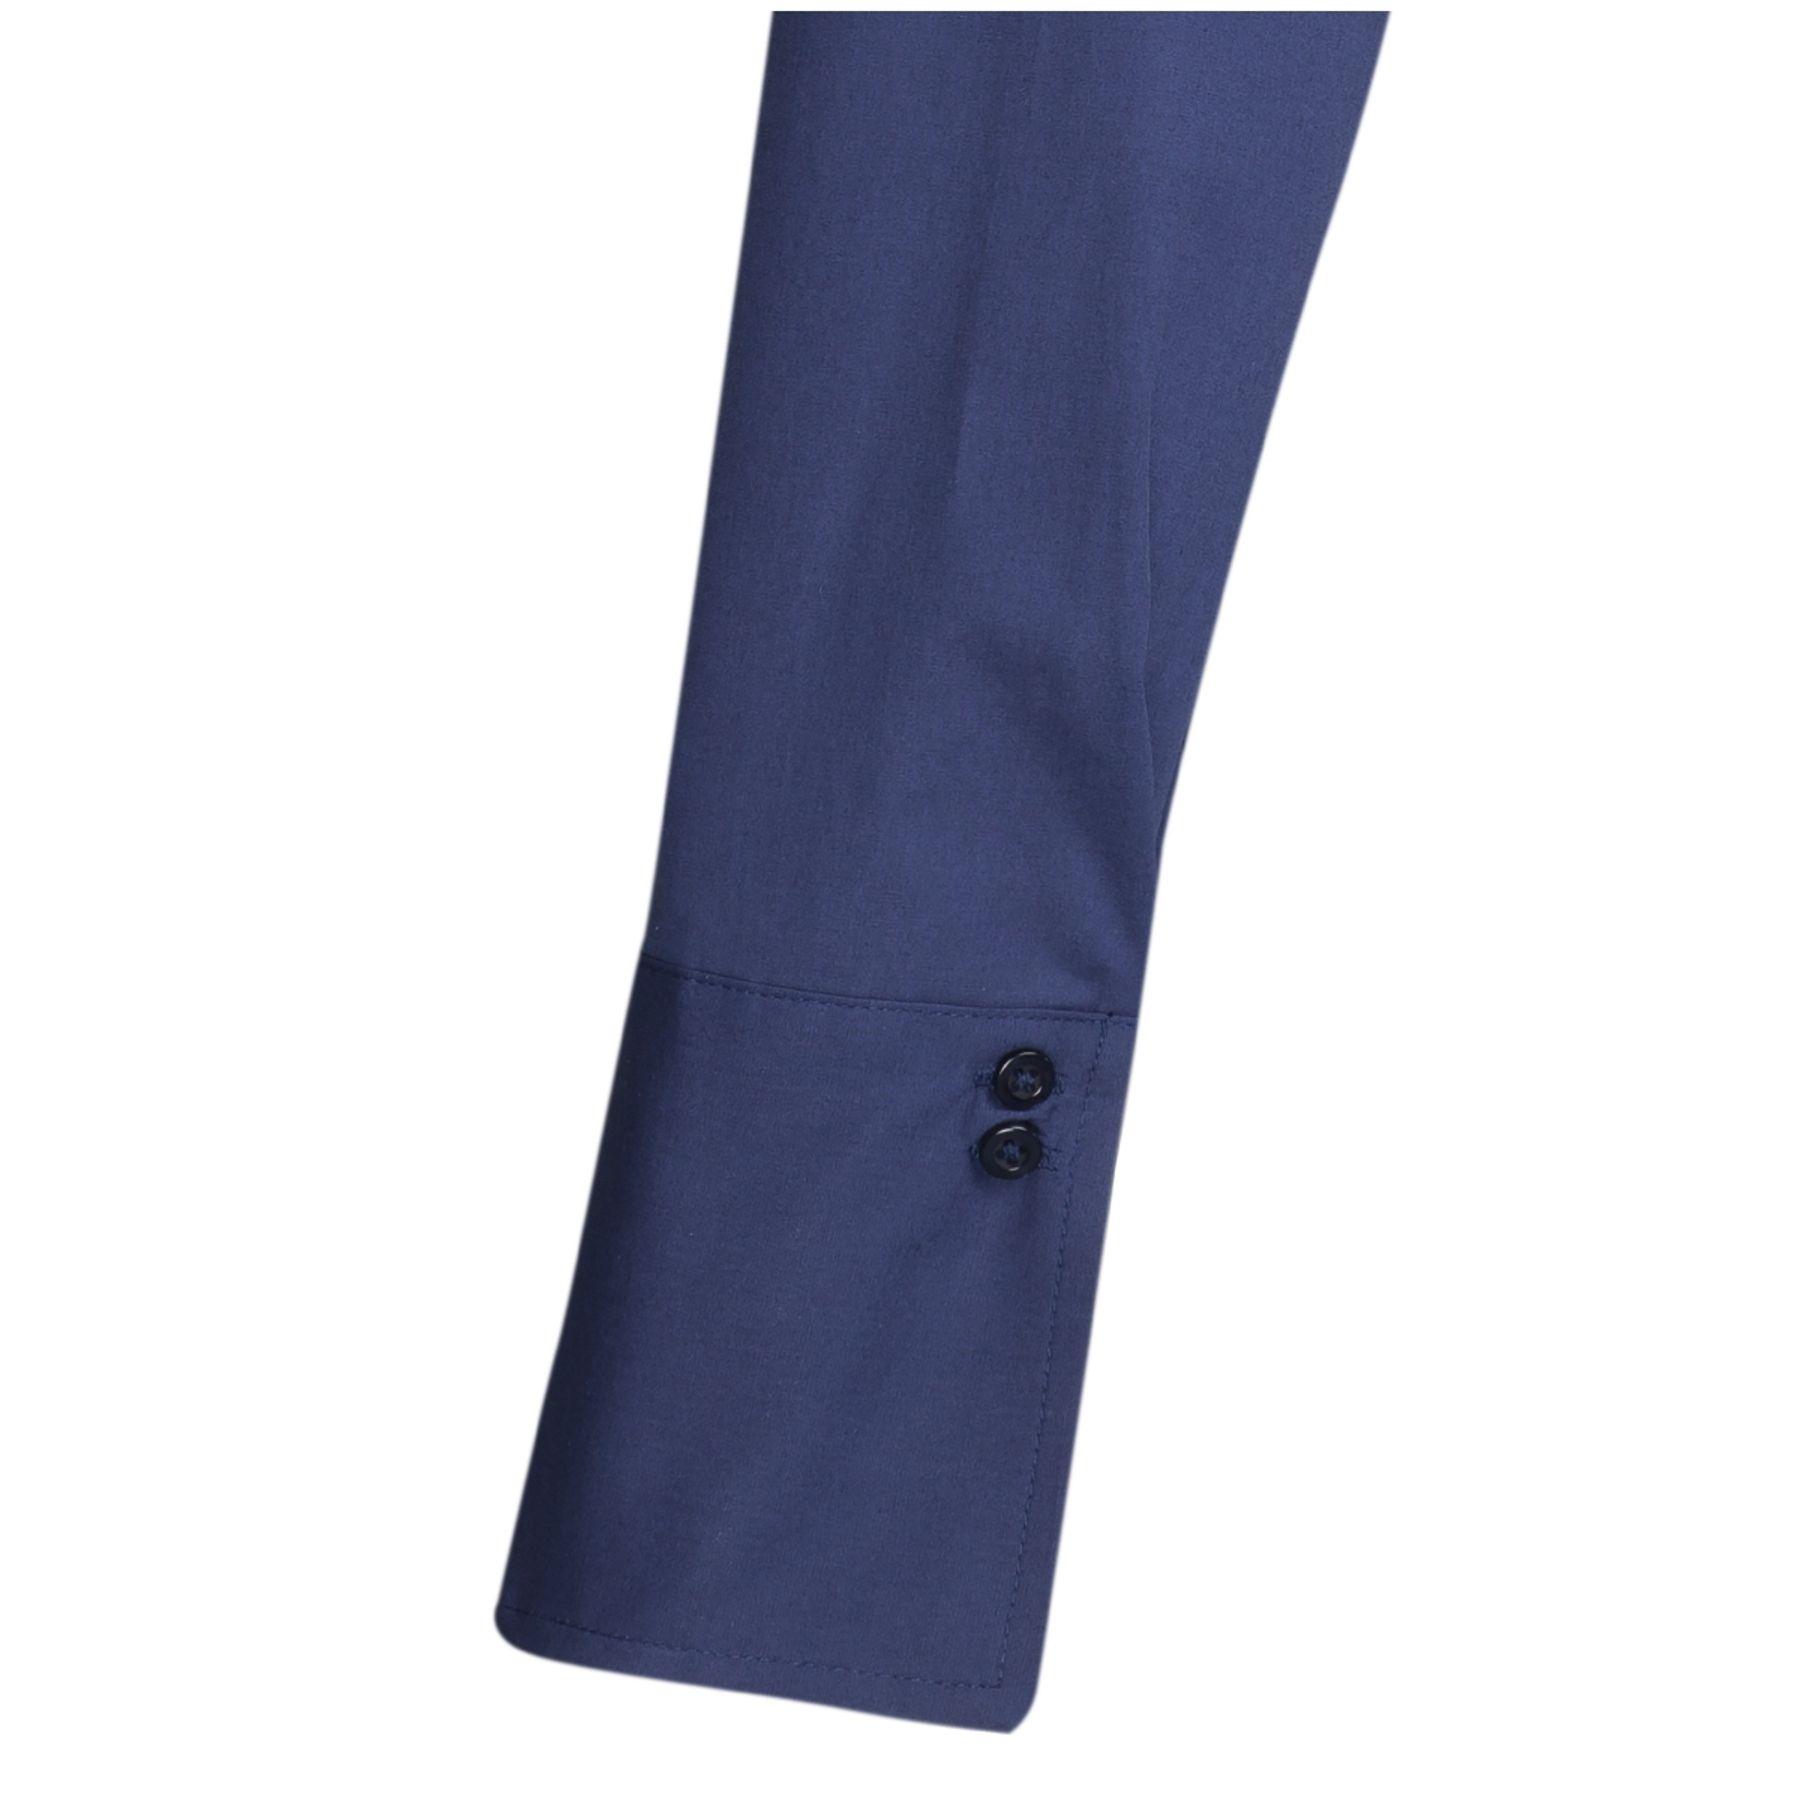 Seidensticker Schwarze Rose - Damen City-Body Bluse 1/1-lang (60.080620) – Bild 9